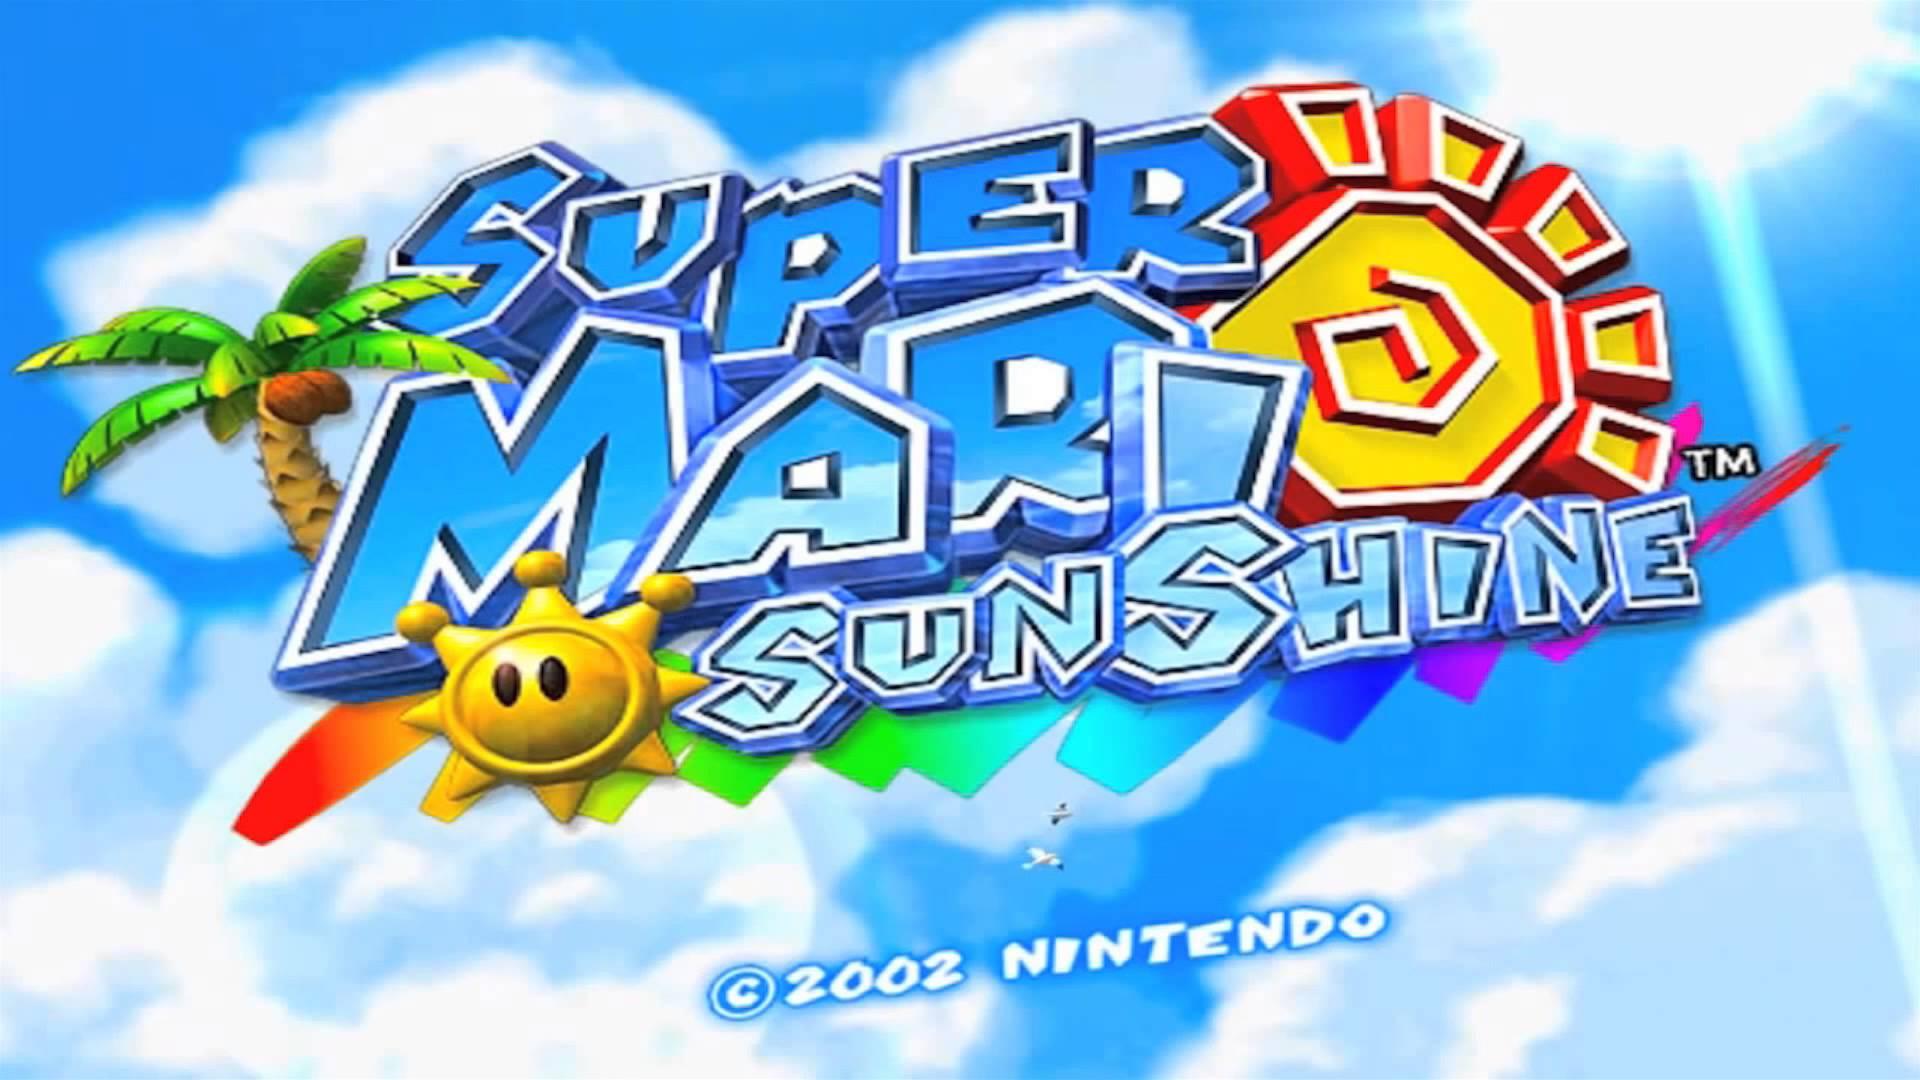 Super Mario remasterizó los rumores: Sunshine entre los reinicios que vendrán pronto para Nintendo Switch 4